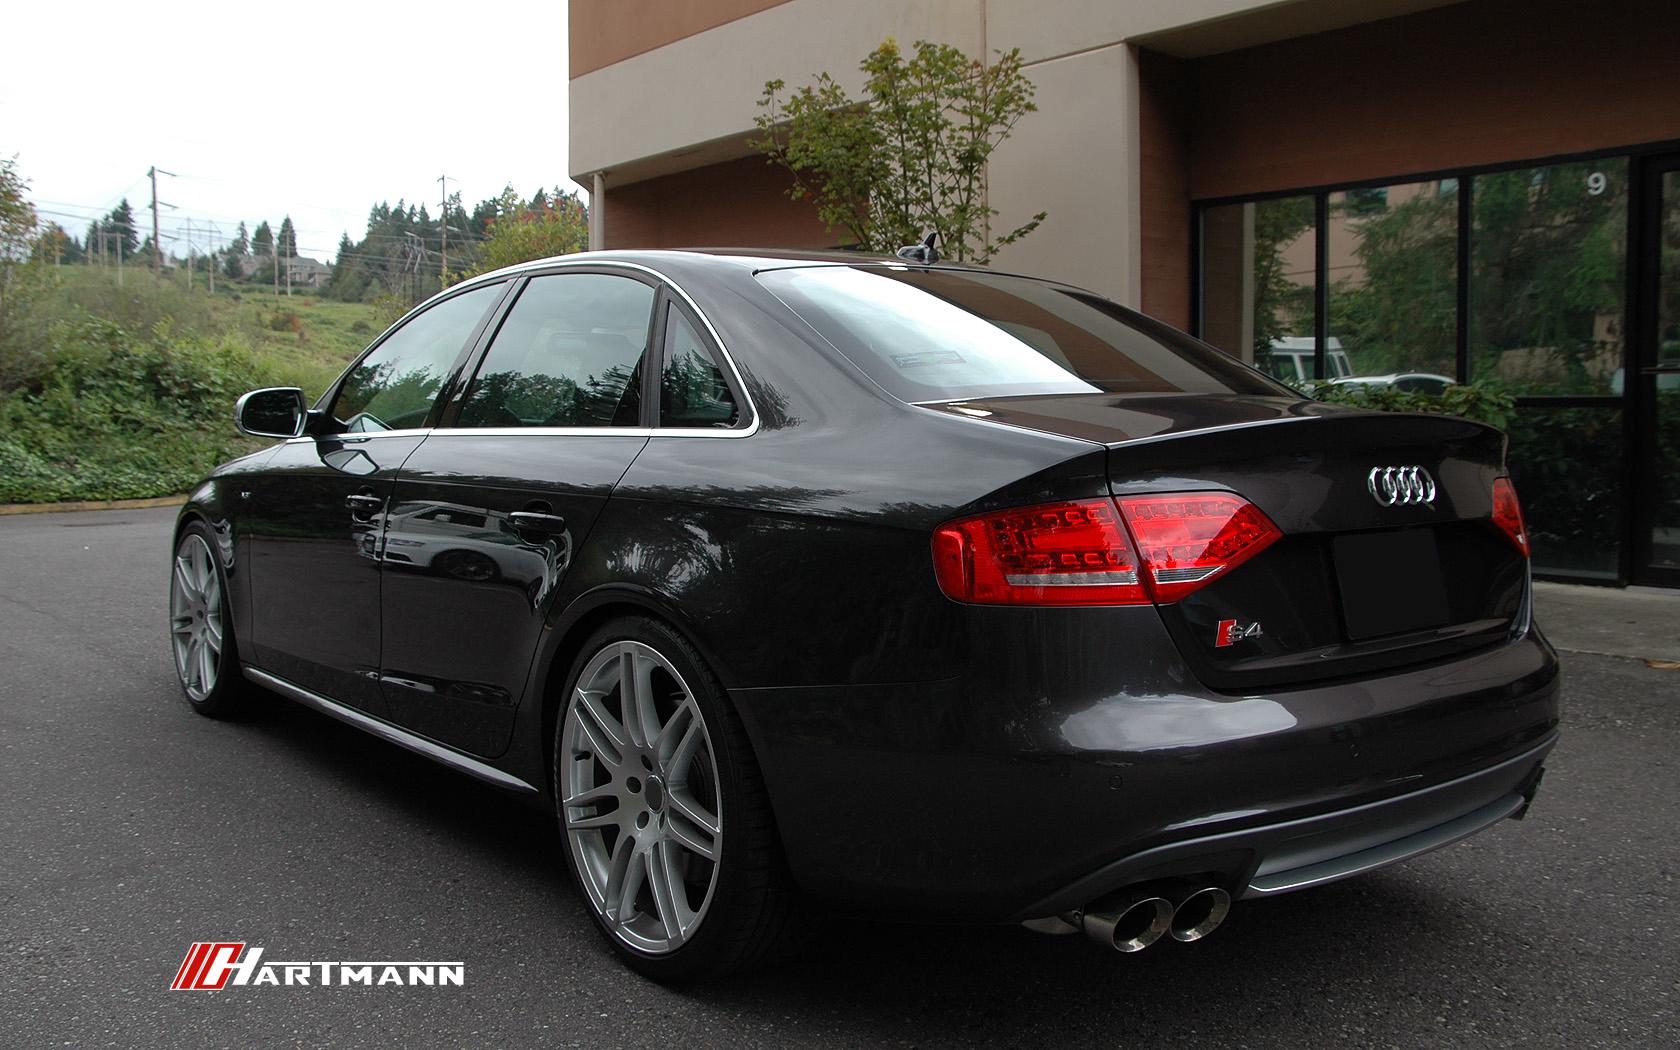 Audi b8 s4 hartmann hrs4 252 hs 20 jh2 hwm